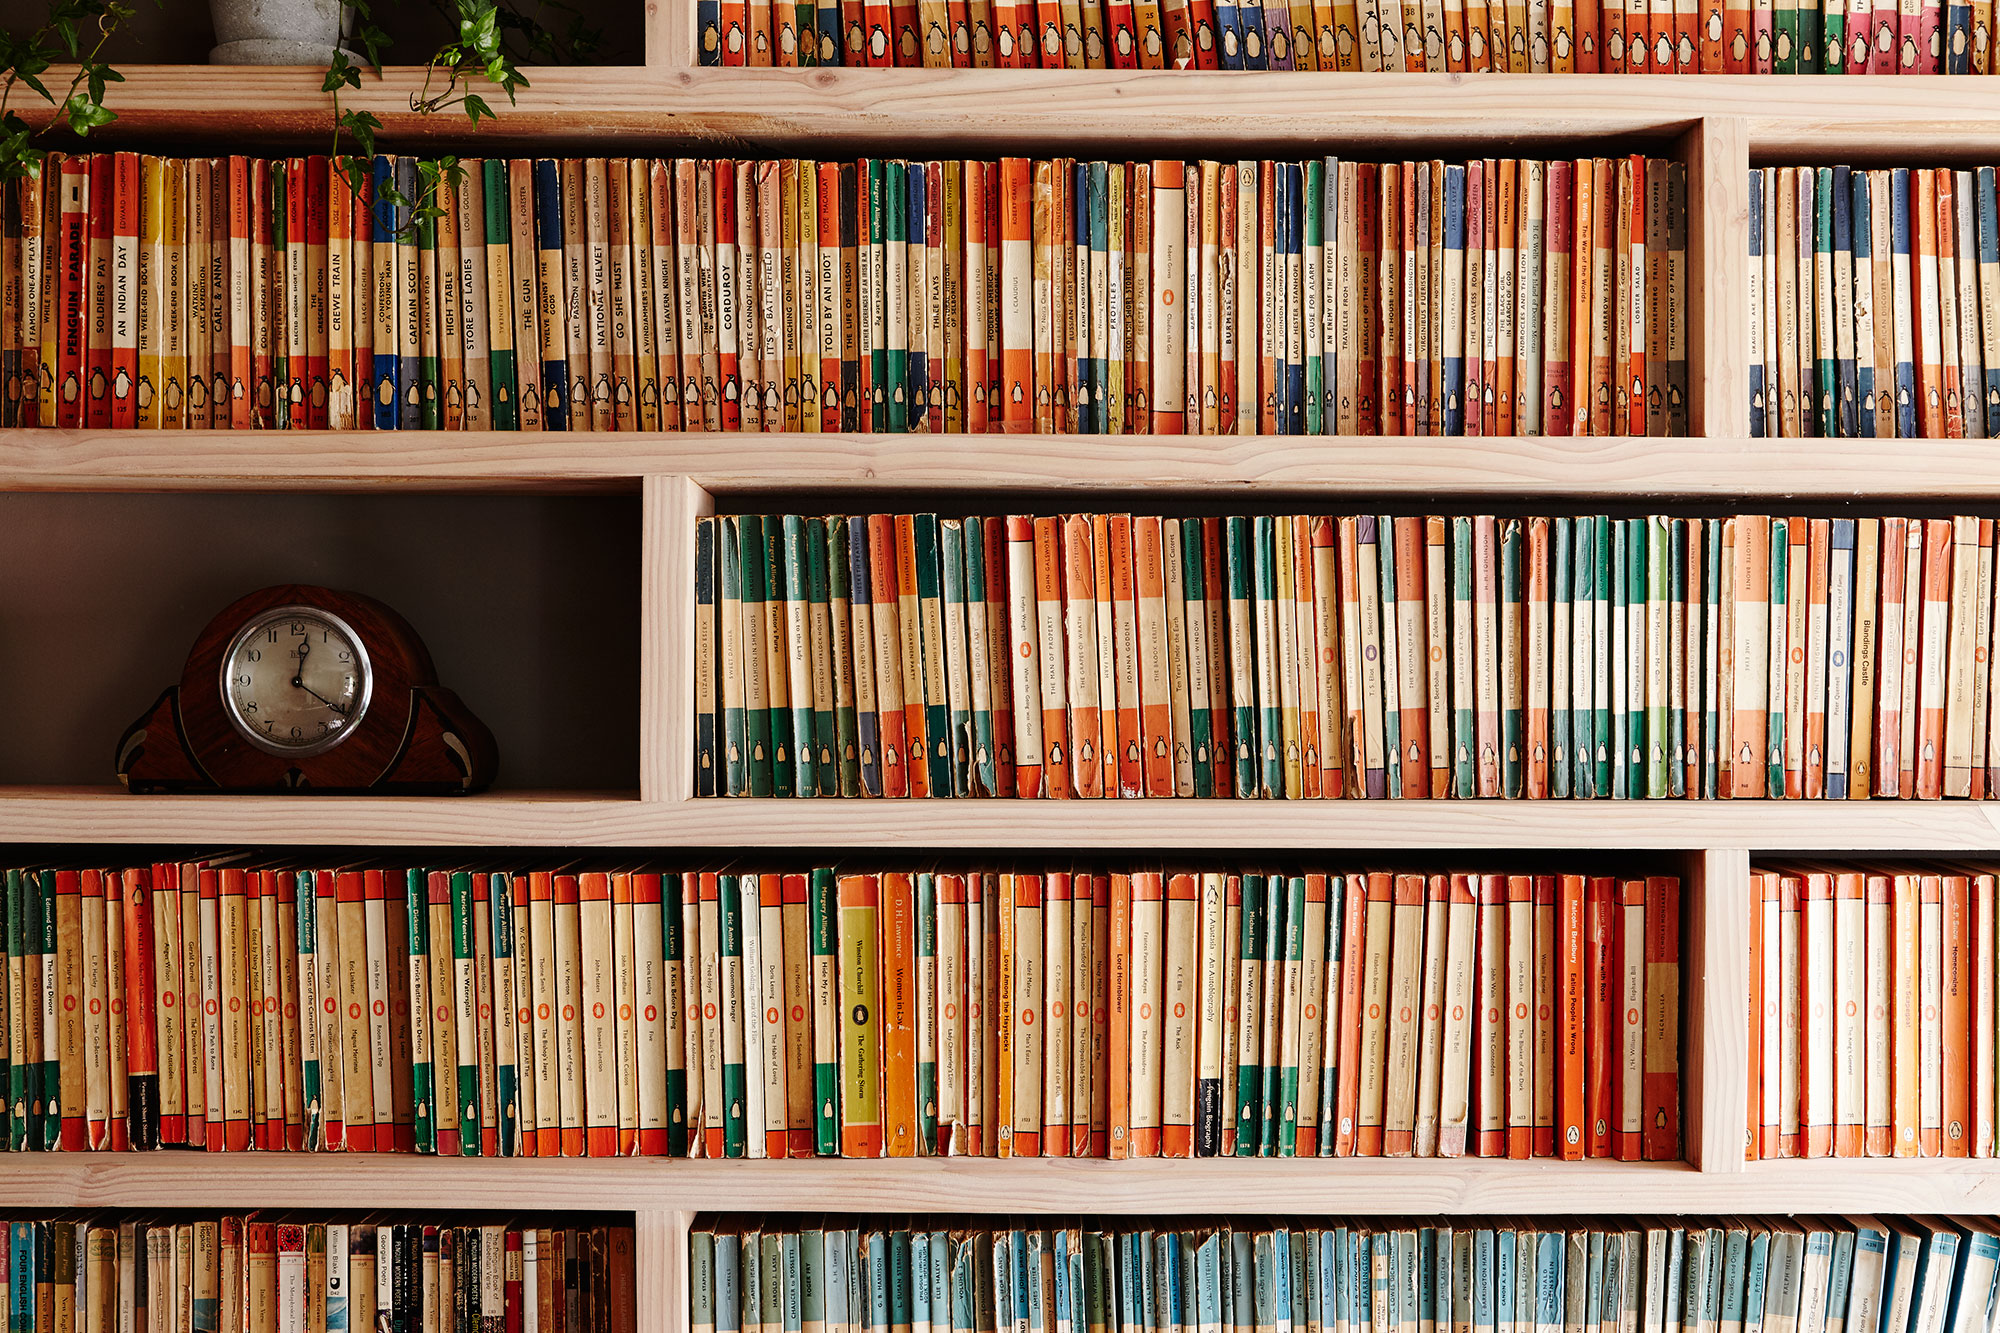 Penguin_paperbacks_bookshelf.jpg